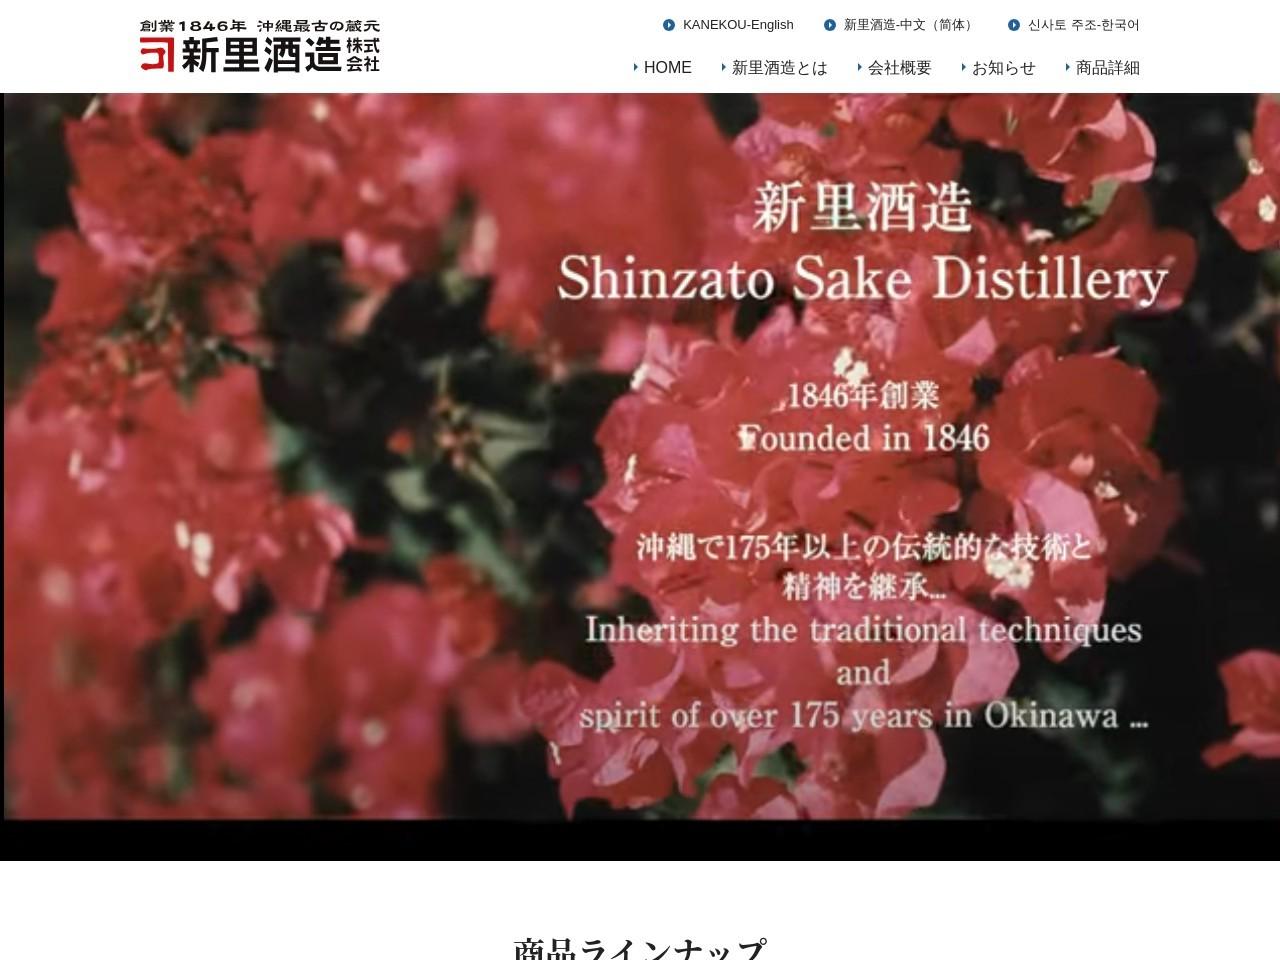 泡盛のお取り寄せ沖縄最古の蔵元新里酒造